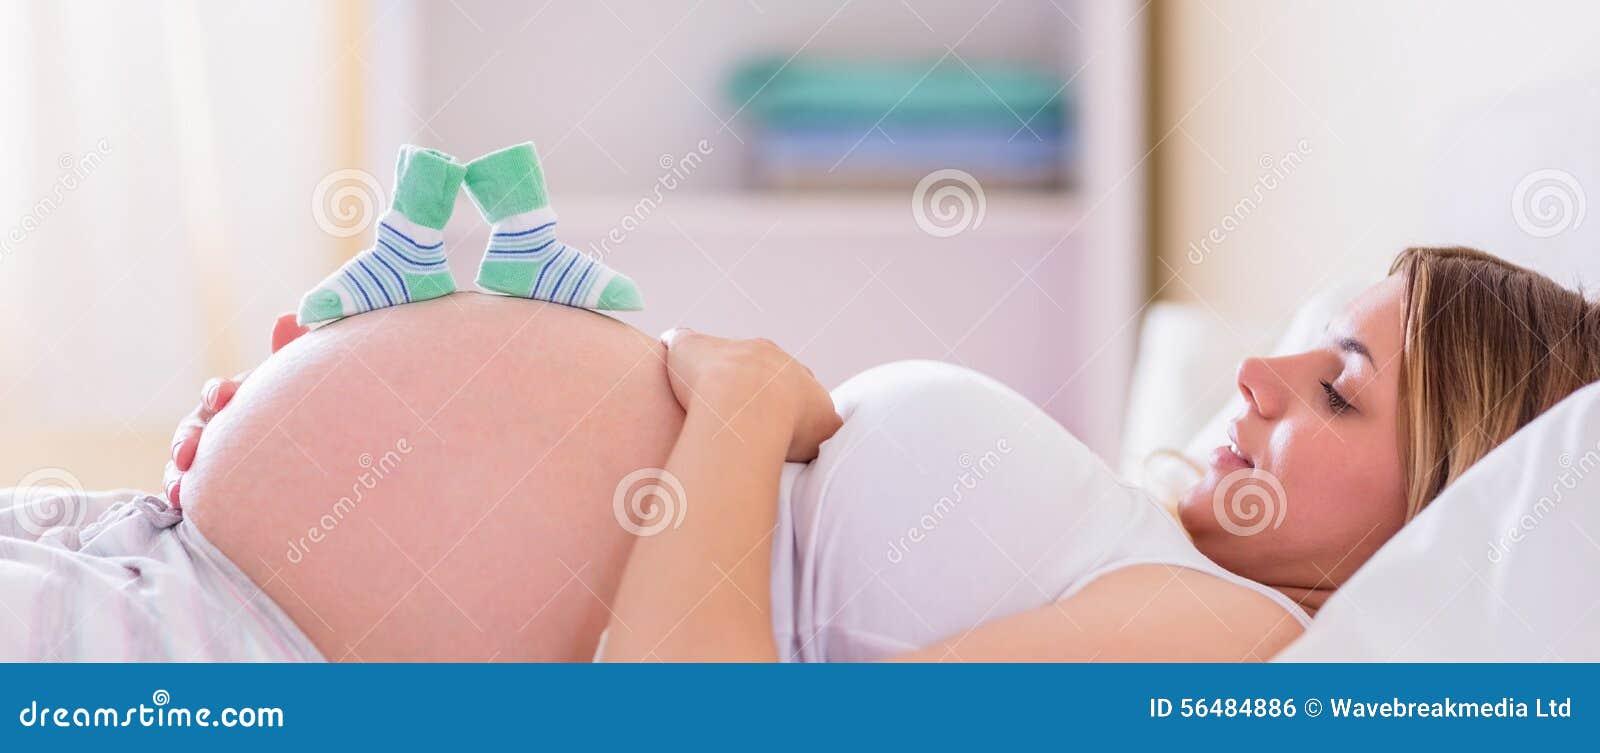 Femme enceinte avec des chaussures de bébé au-dessus de bosse